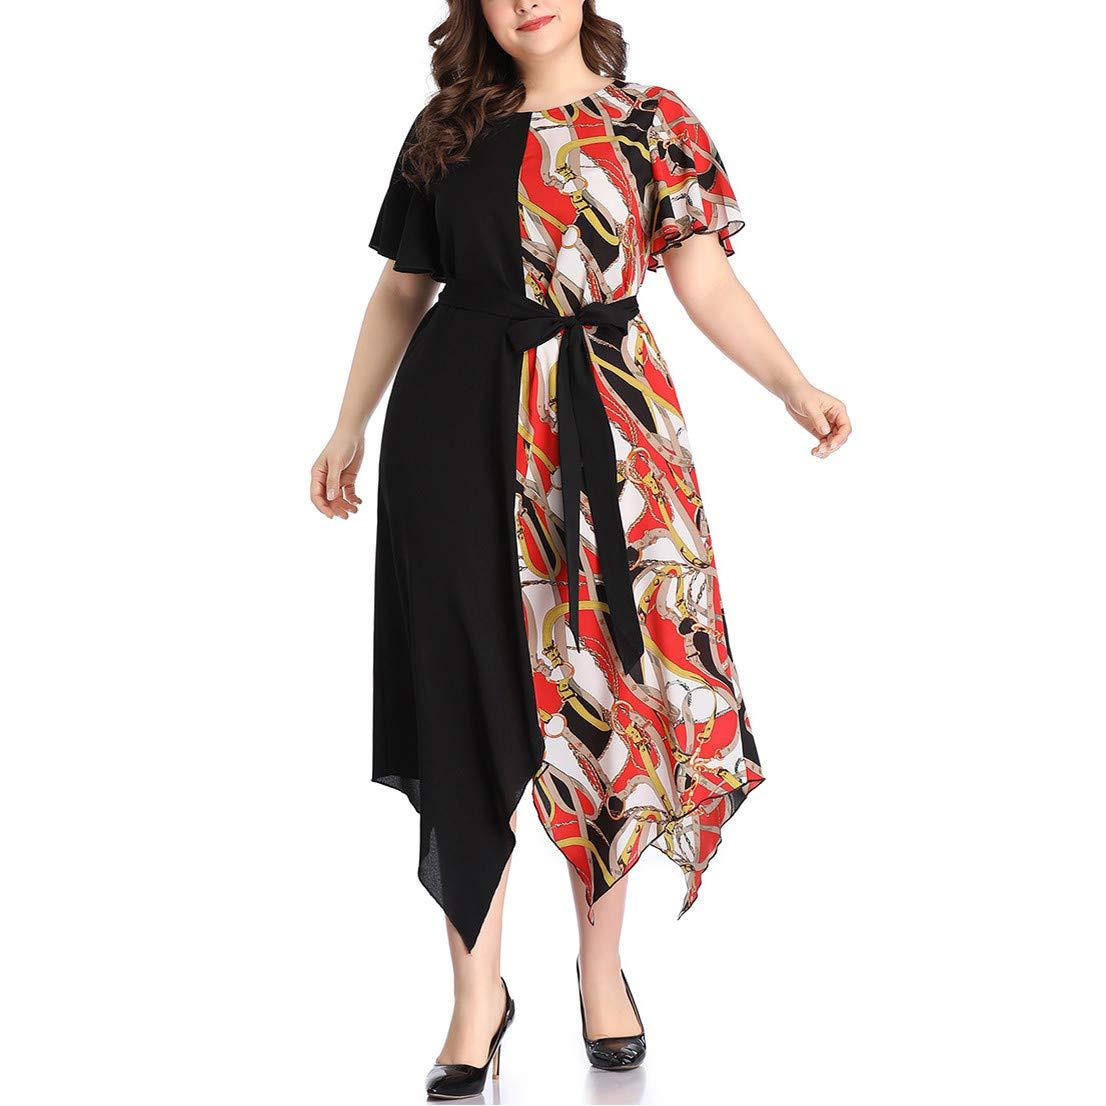 Short Bell Sleeve Print V Neck Women's Maxi Dress Party Dress Irregular Hem Patchwork Dress Purple by Jianekolaa_Dress (Image #2)